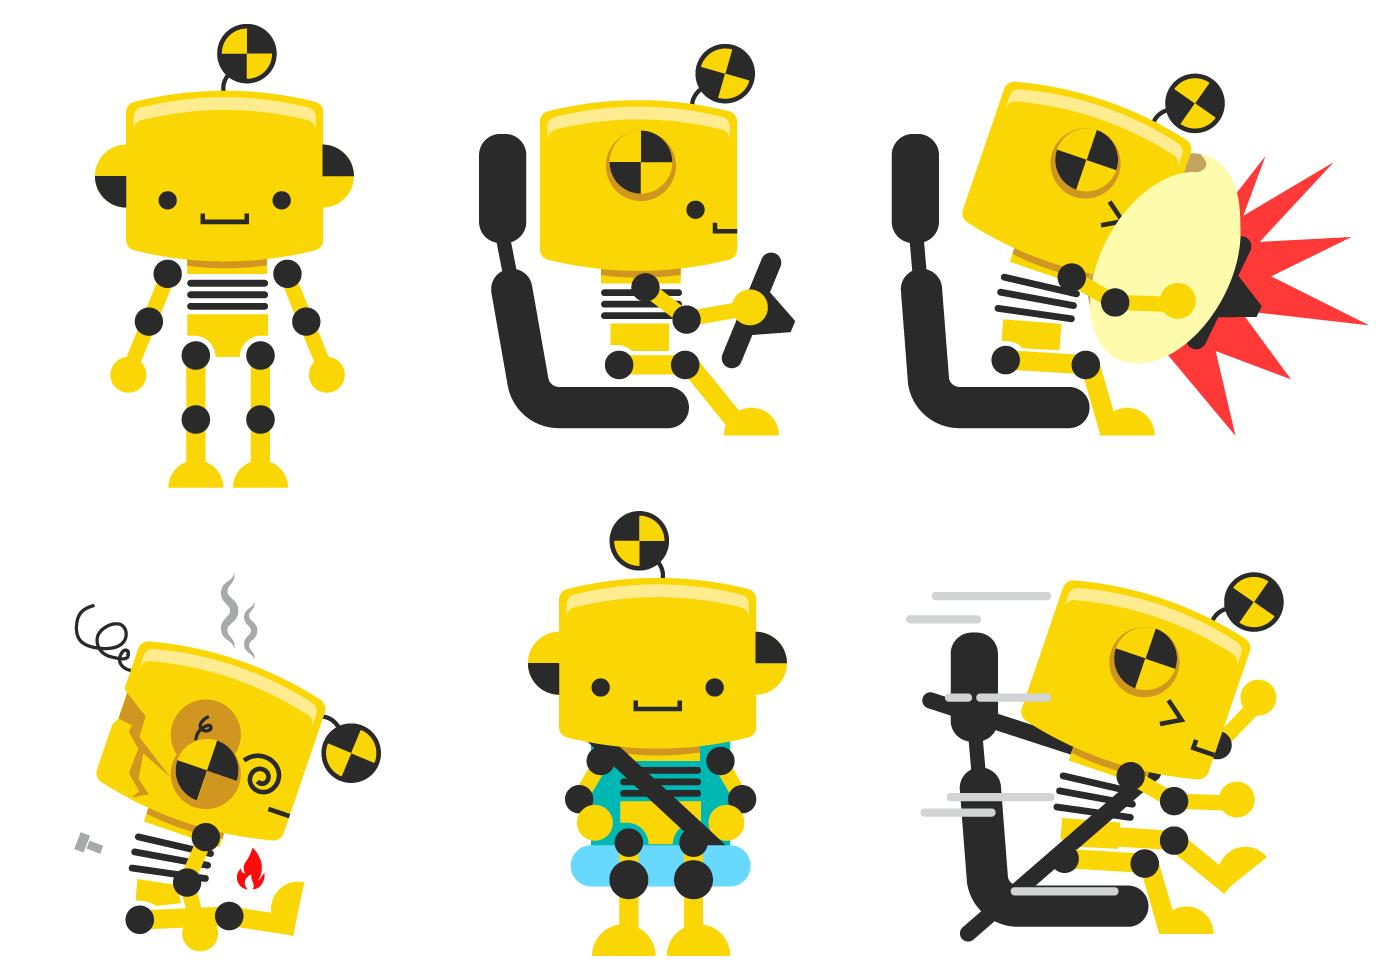 機器人圖片 免費下載 | 天天瘋後製